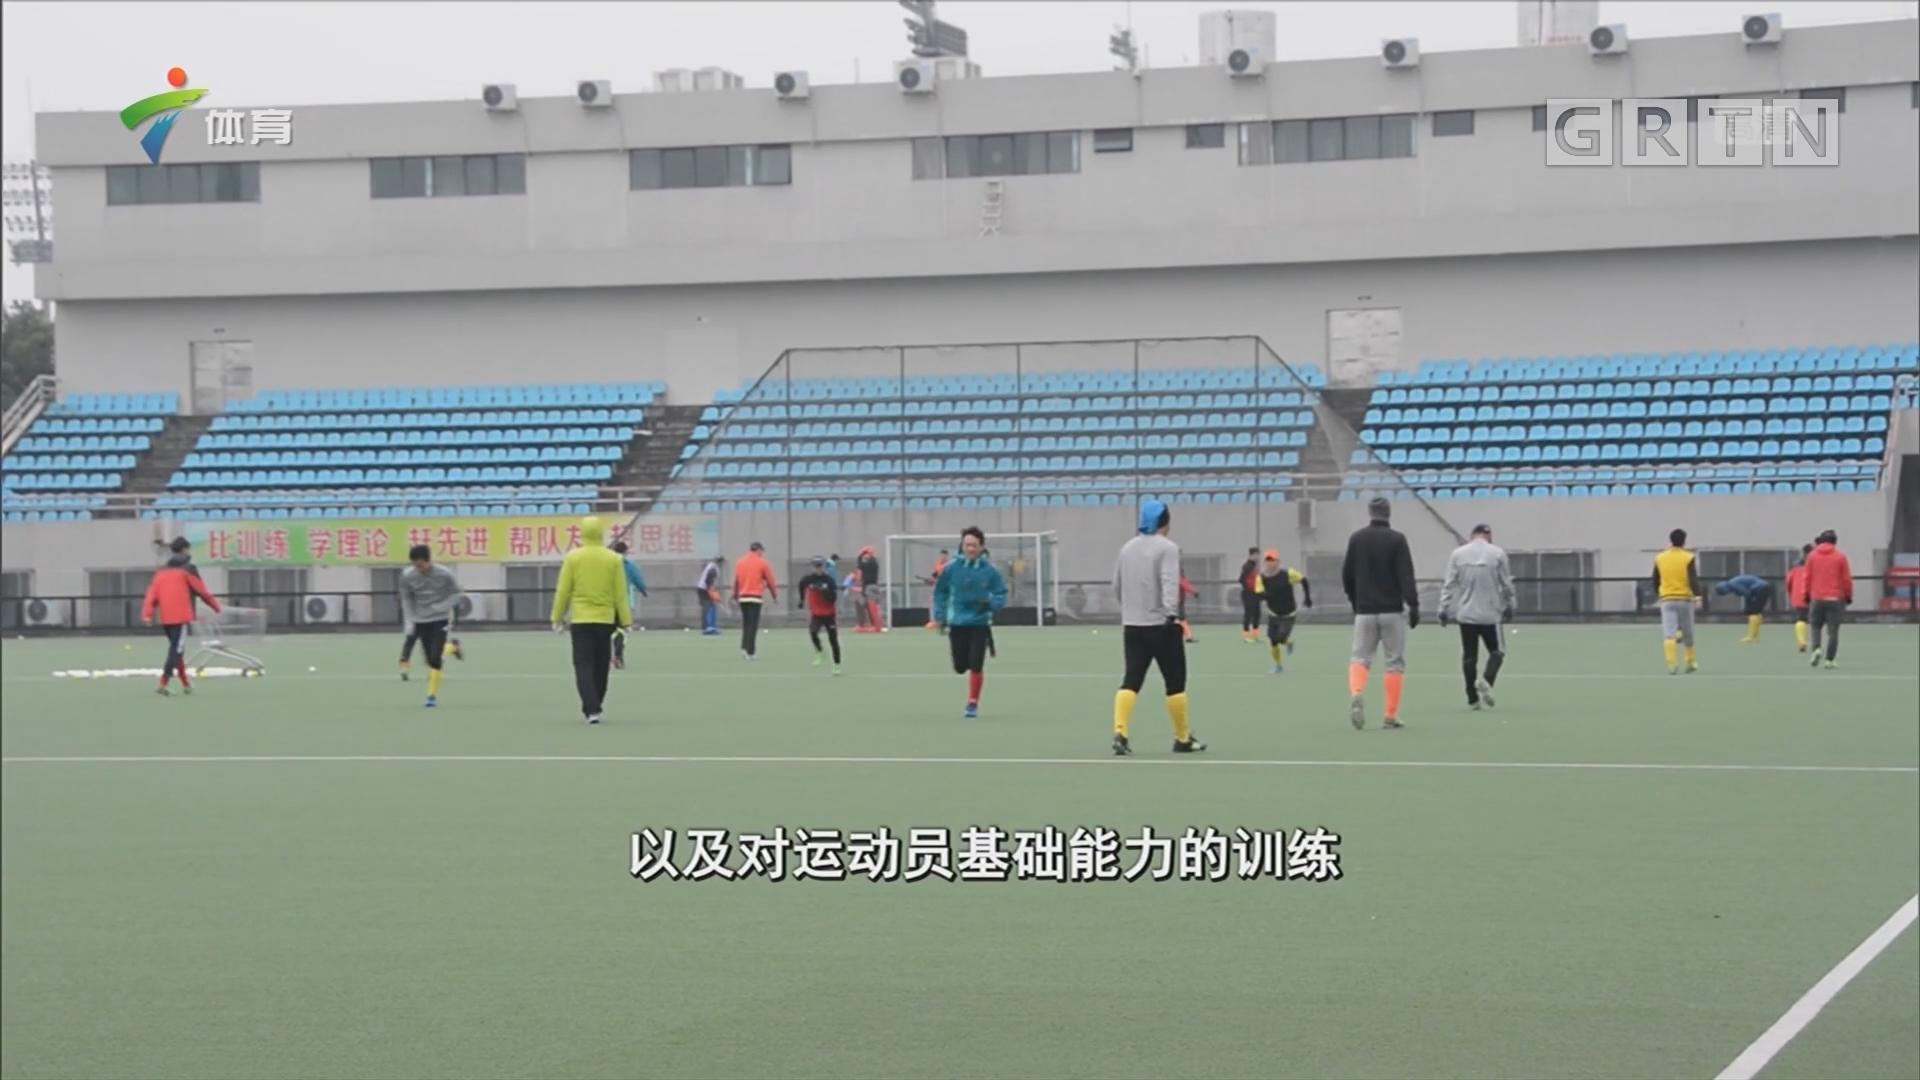 广东女子曲棍球队冬训忙